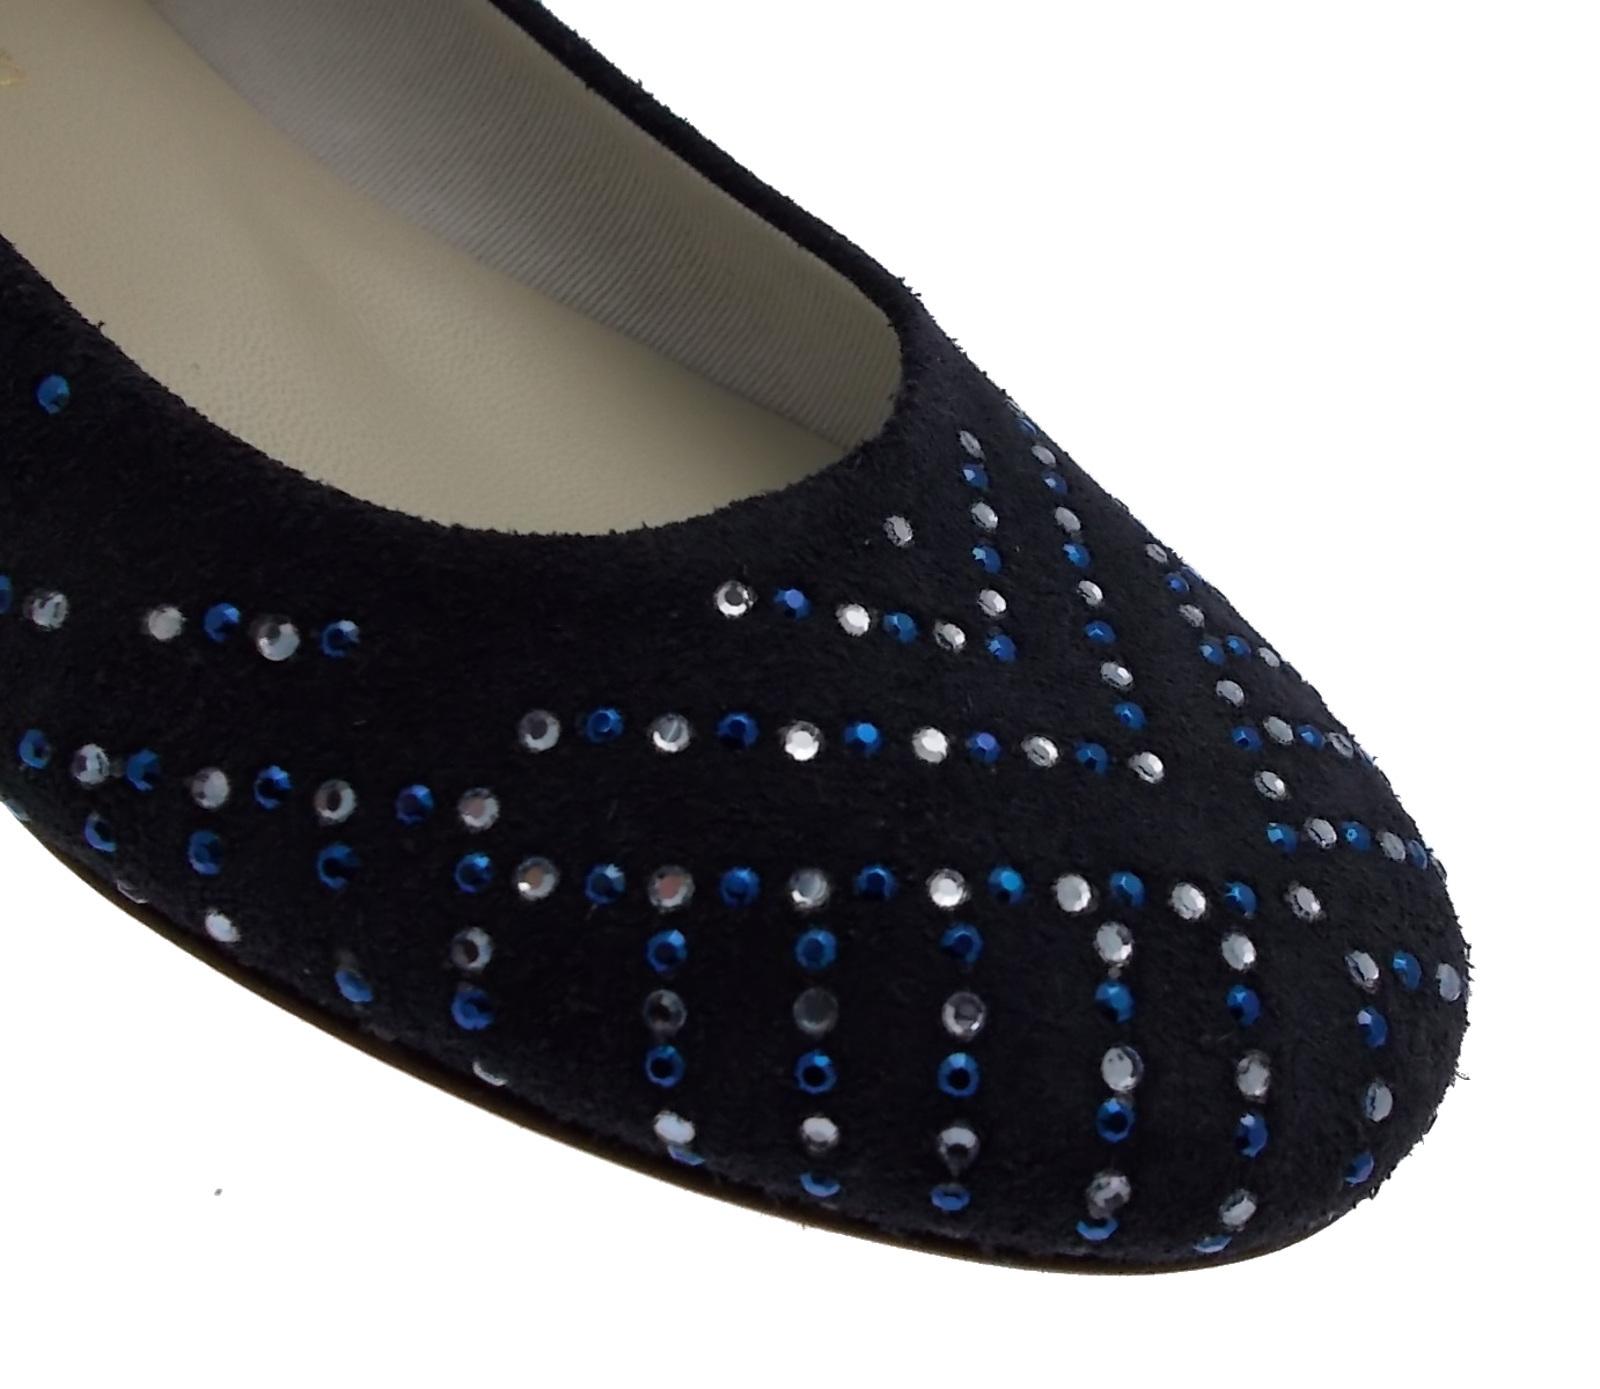 1492 paperina ballerina camoscio blue blue blue brillanti Calzaturificio R.P a085f9